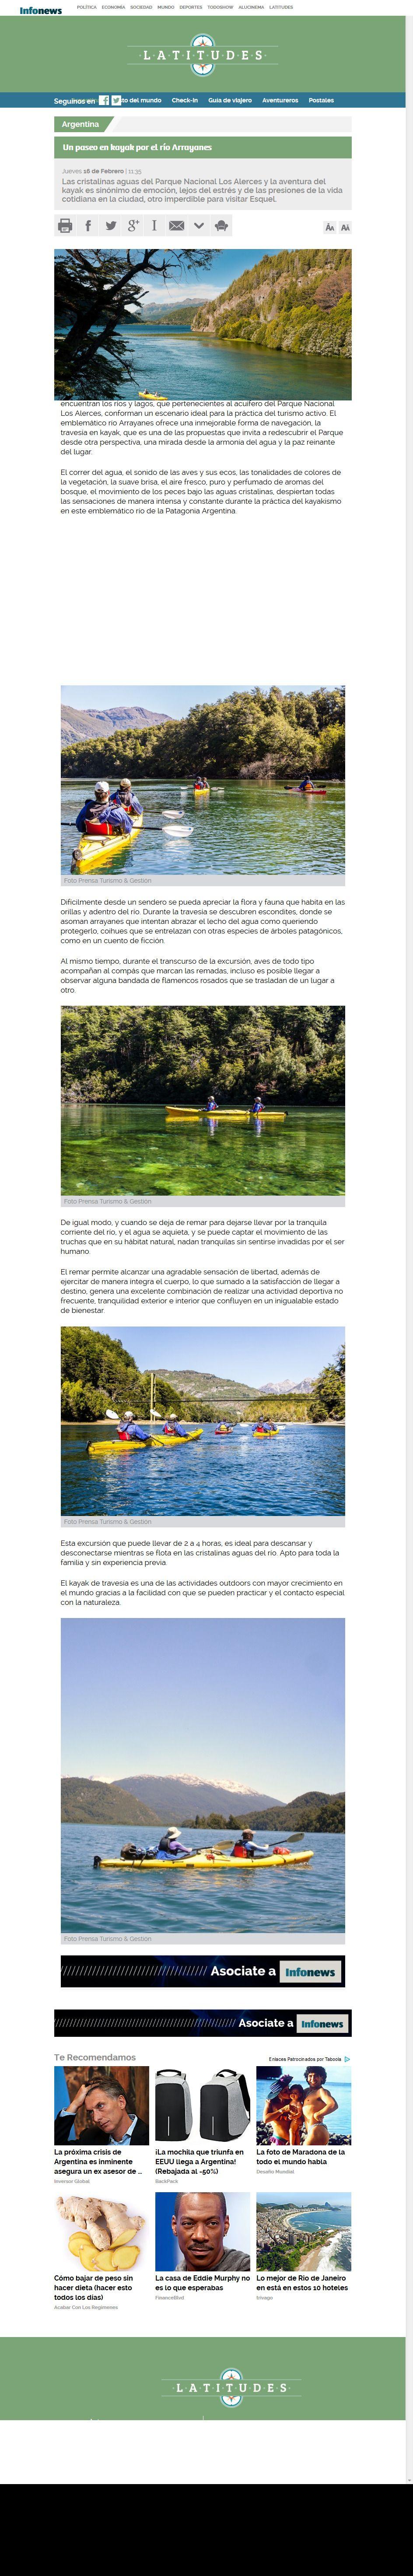 Latitudes kayak